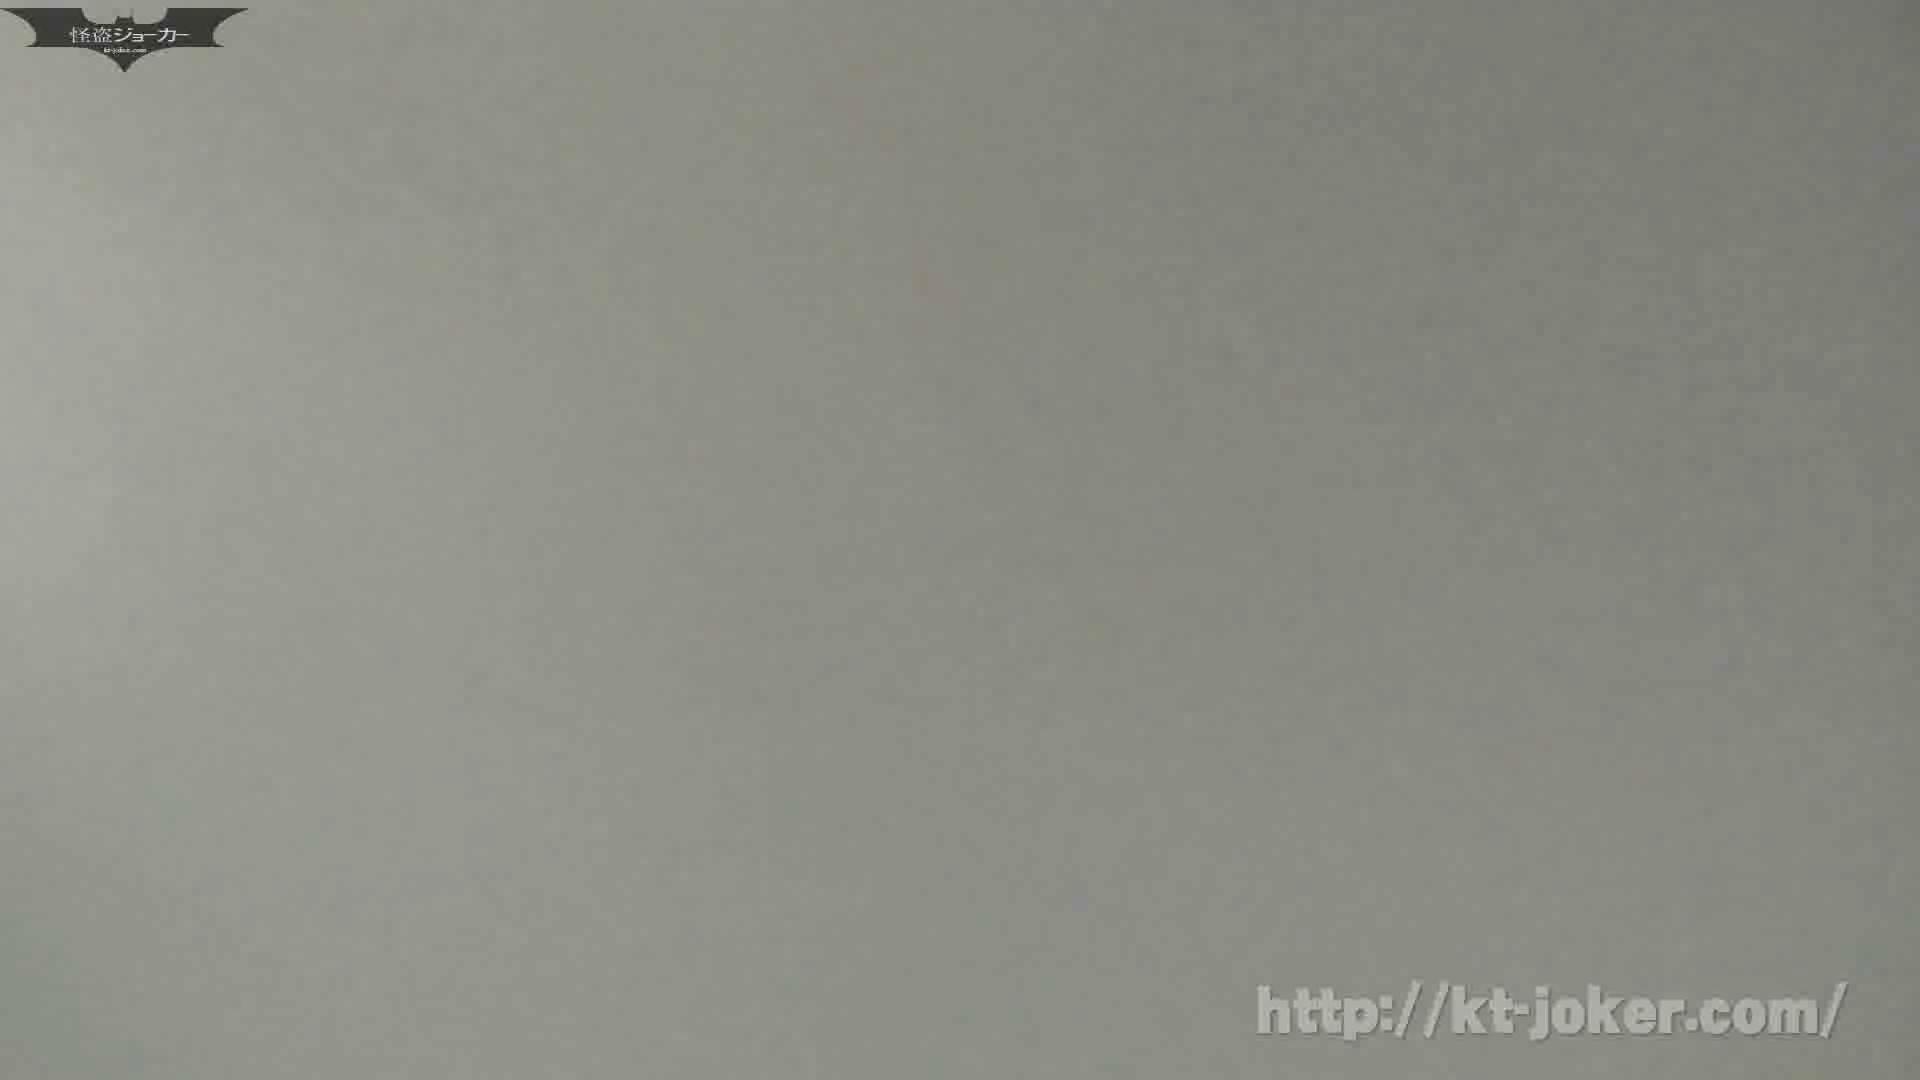 命がけ潜伏洗面所! vol.58 さらなる無謀な挑戦、新アングル、壁に穴を開ける OLエロ画像 のぞき濡れ場動画紹介 72PICs 56